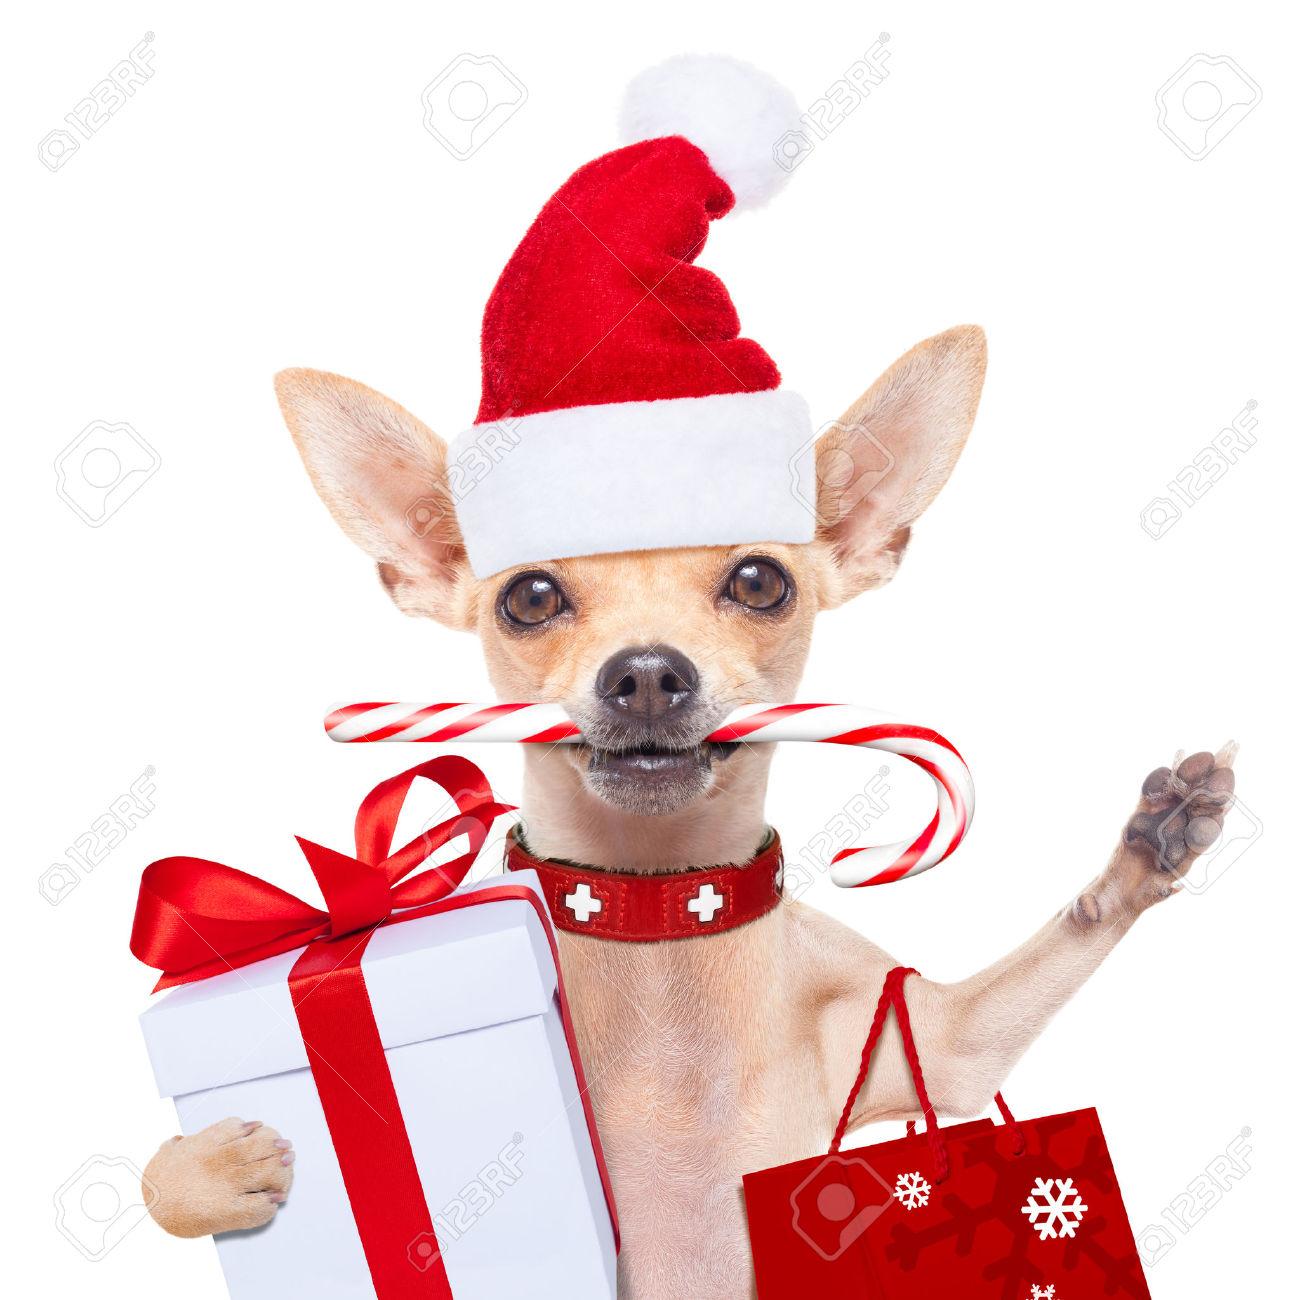 Chihuahua Santa Claus Shopping Bag Dog Ready For Christmas.. Stock.